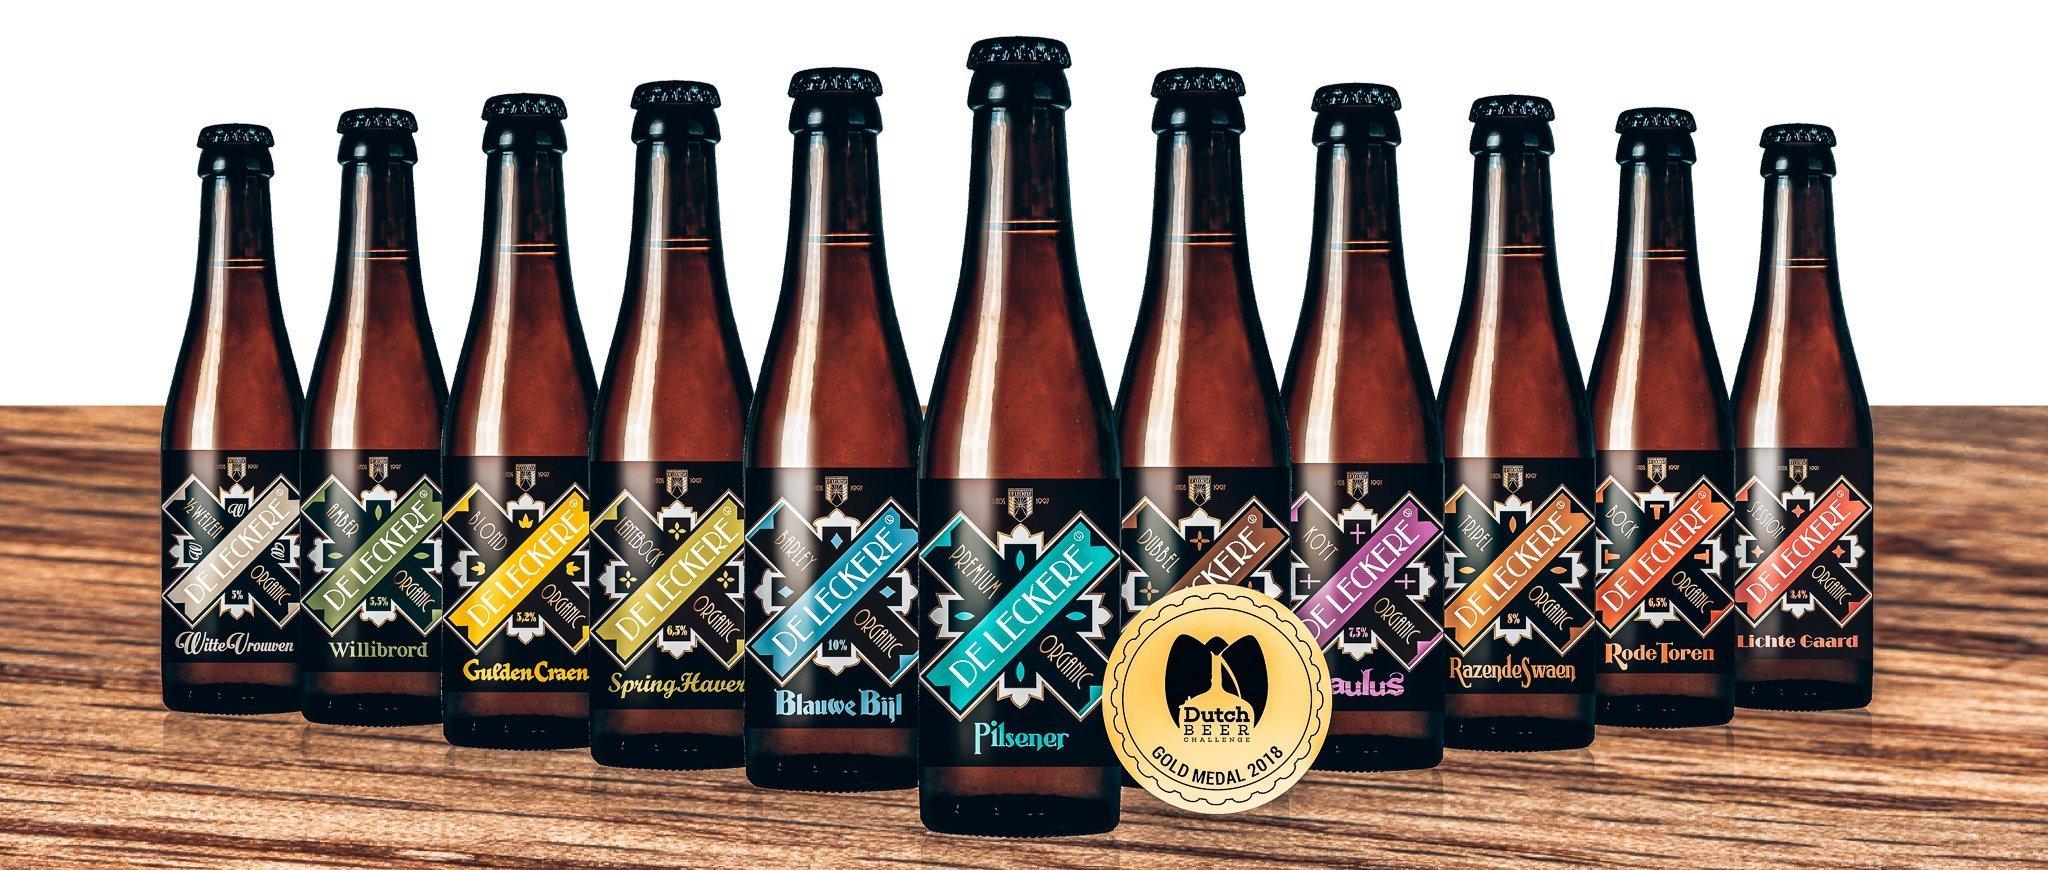 Bier collectie Brouwerij De Leckere, Utrecht, Alles over gin.